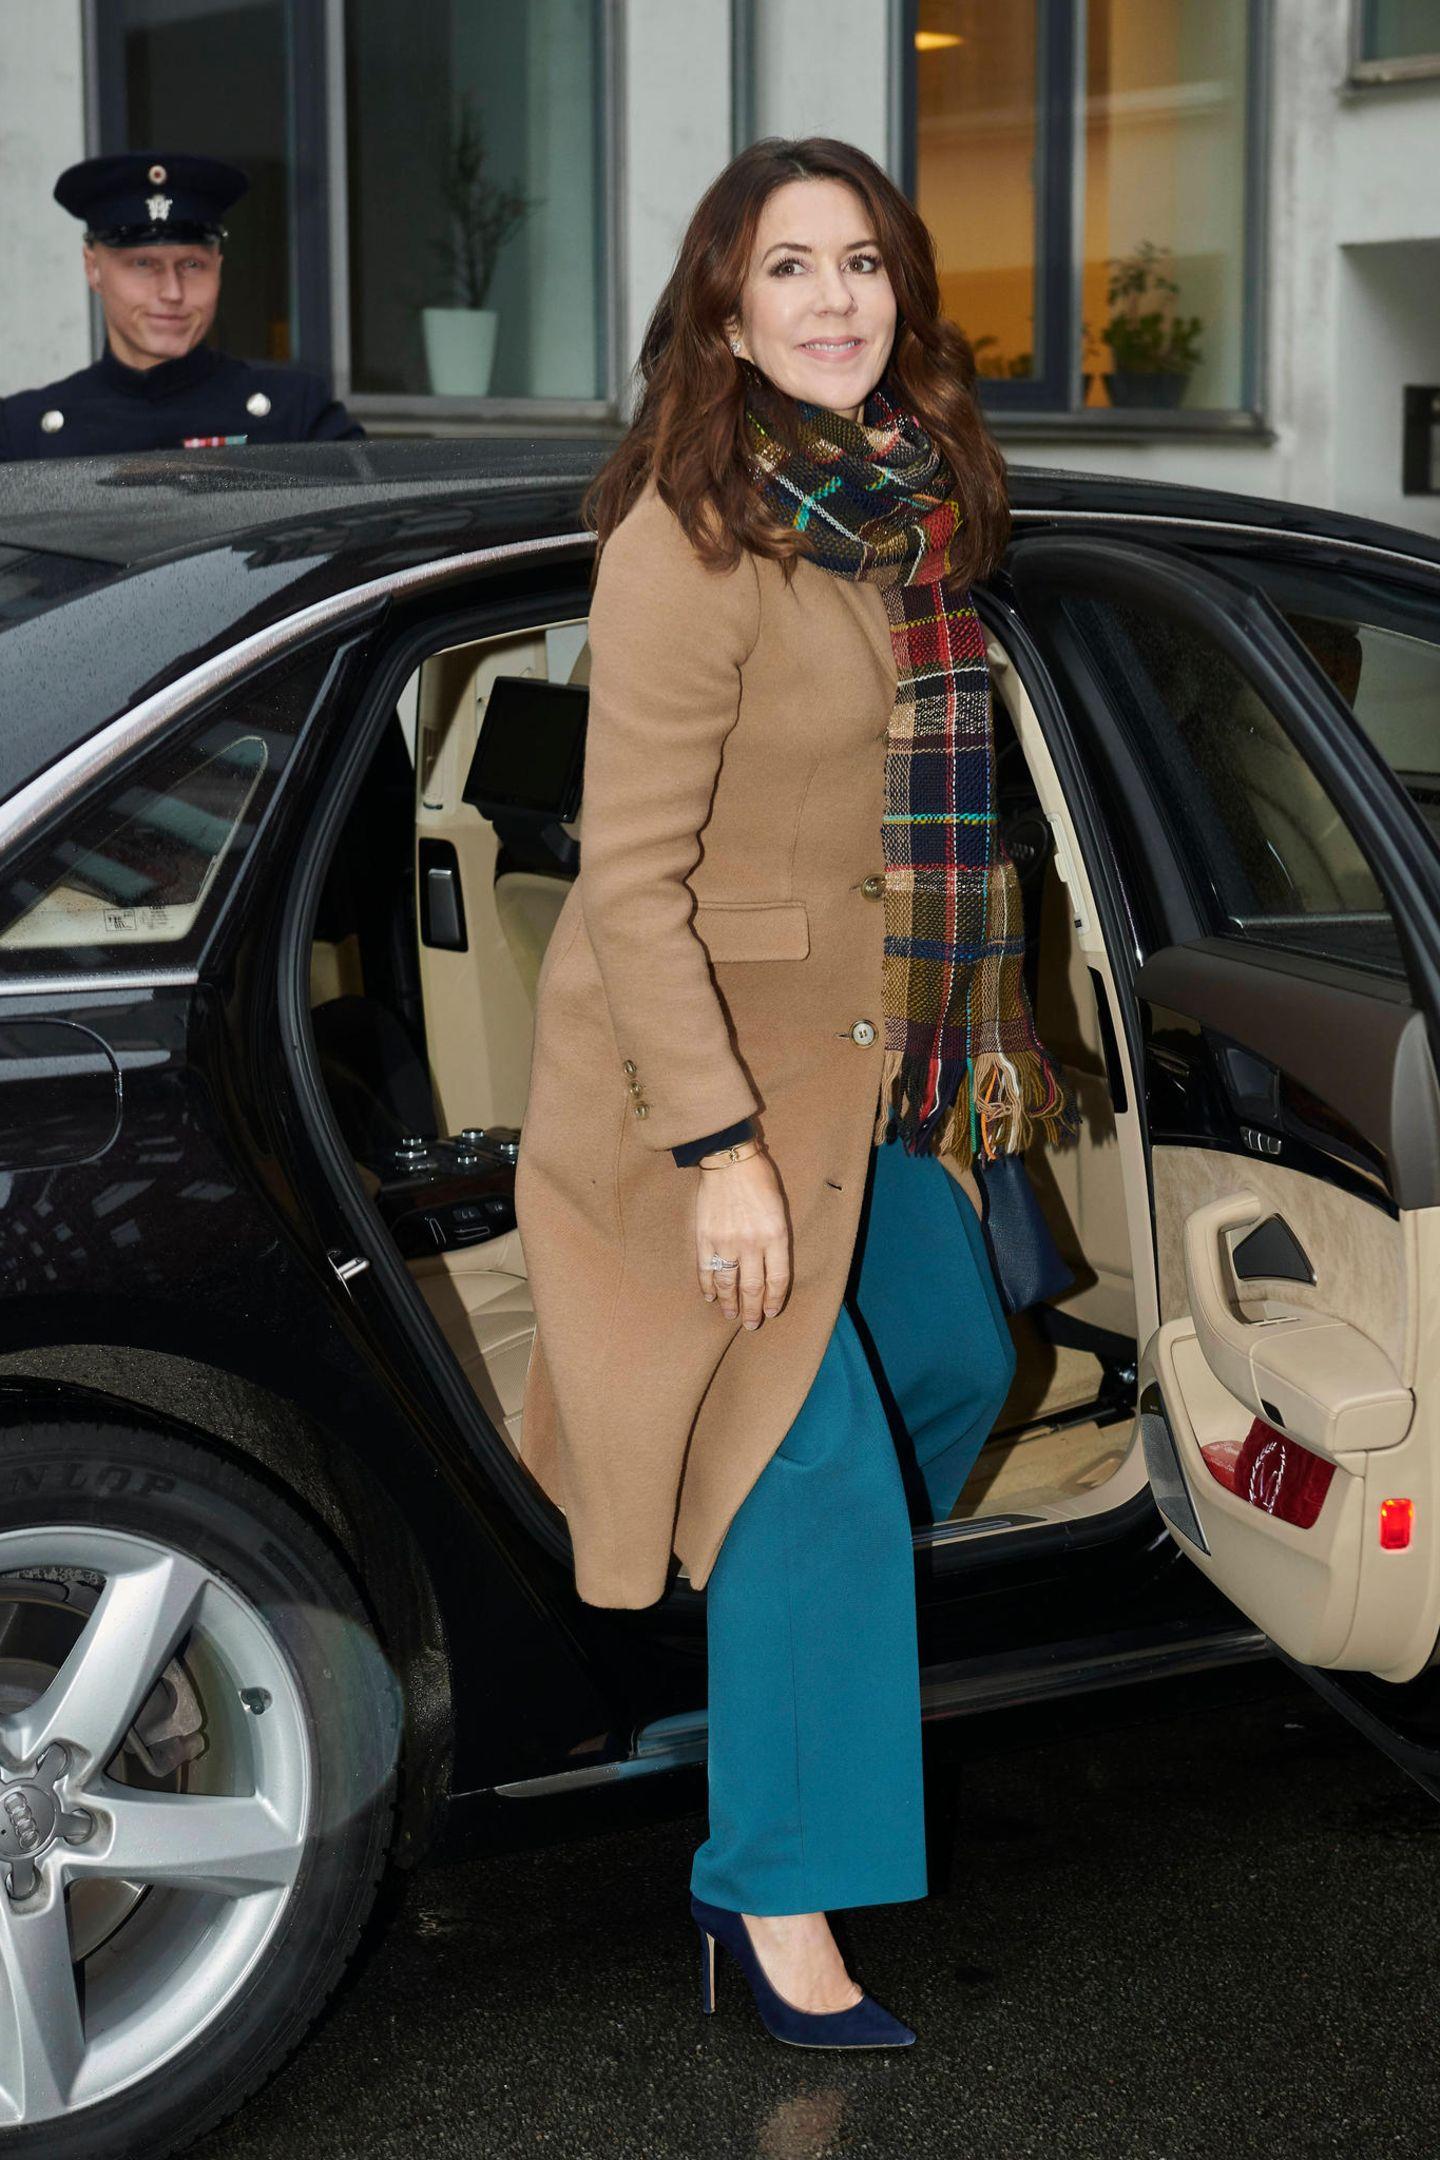 """Grauer Winter? Nicht bei Prinzessin Mary! Bei den Feierlichkeiten zum einjährigen Bestehen des """"Global Refugee Forum"""" zeigt sie sich in einem camelfarbenen Mantel, petrolblauer Hose und mit einem kariertem Schal, der alle Farben des Looks raffiniert aufgreift."""